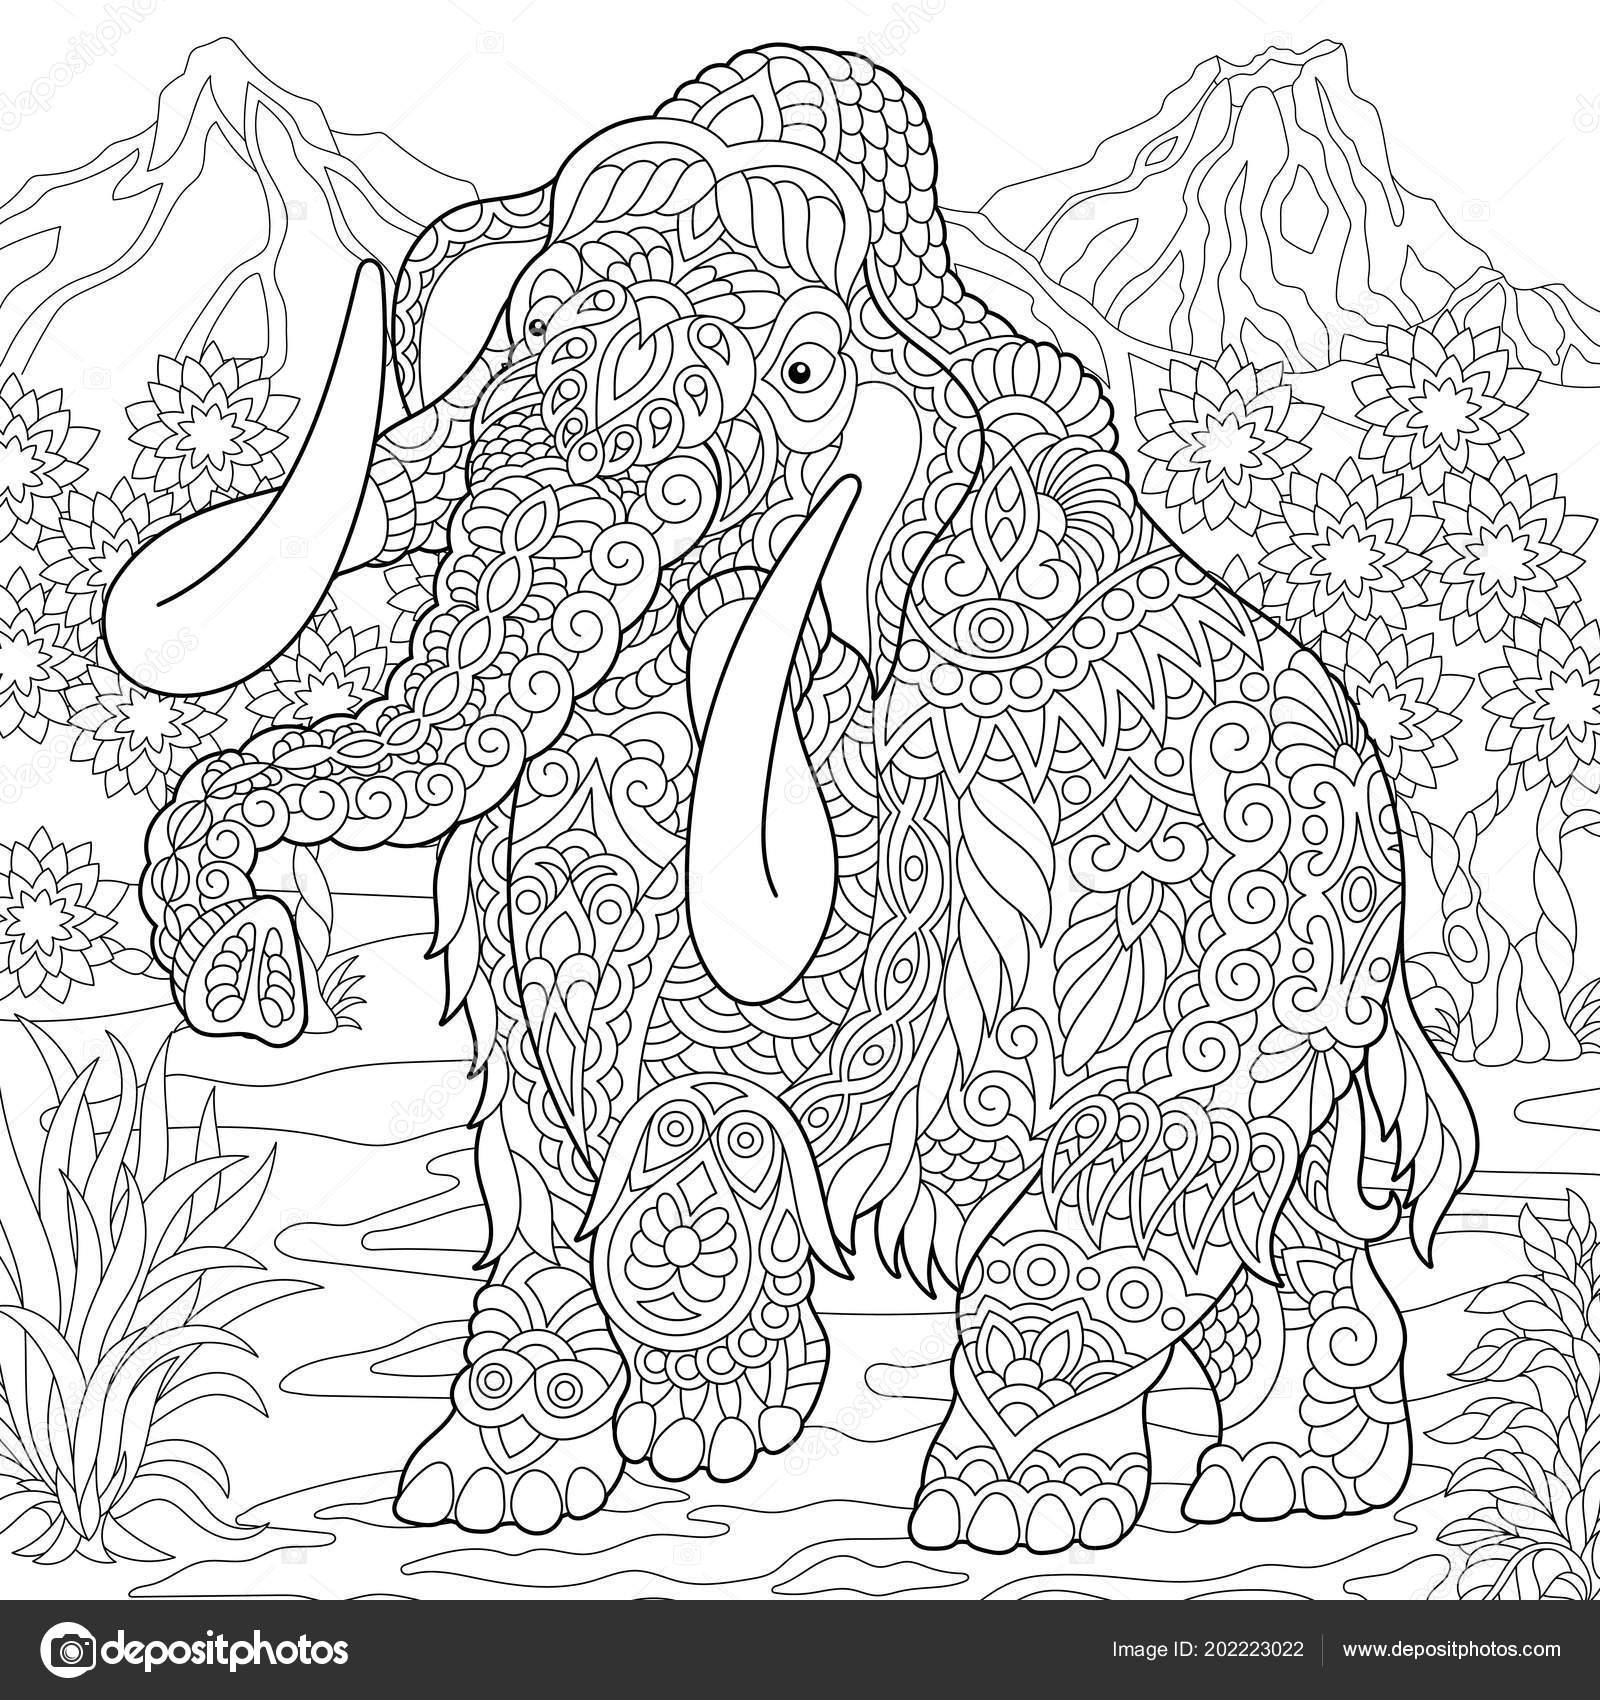 Kleurplaten Over Olifanten.Mammoet Uitgestorven Olifant Van Het Pleistoceen Kleurplaat